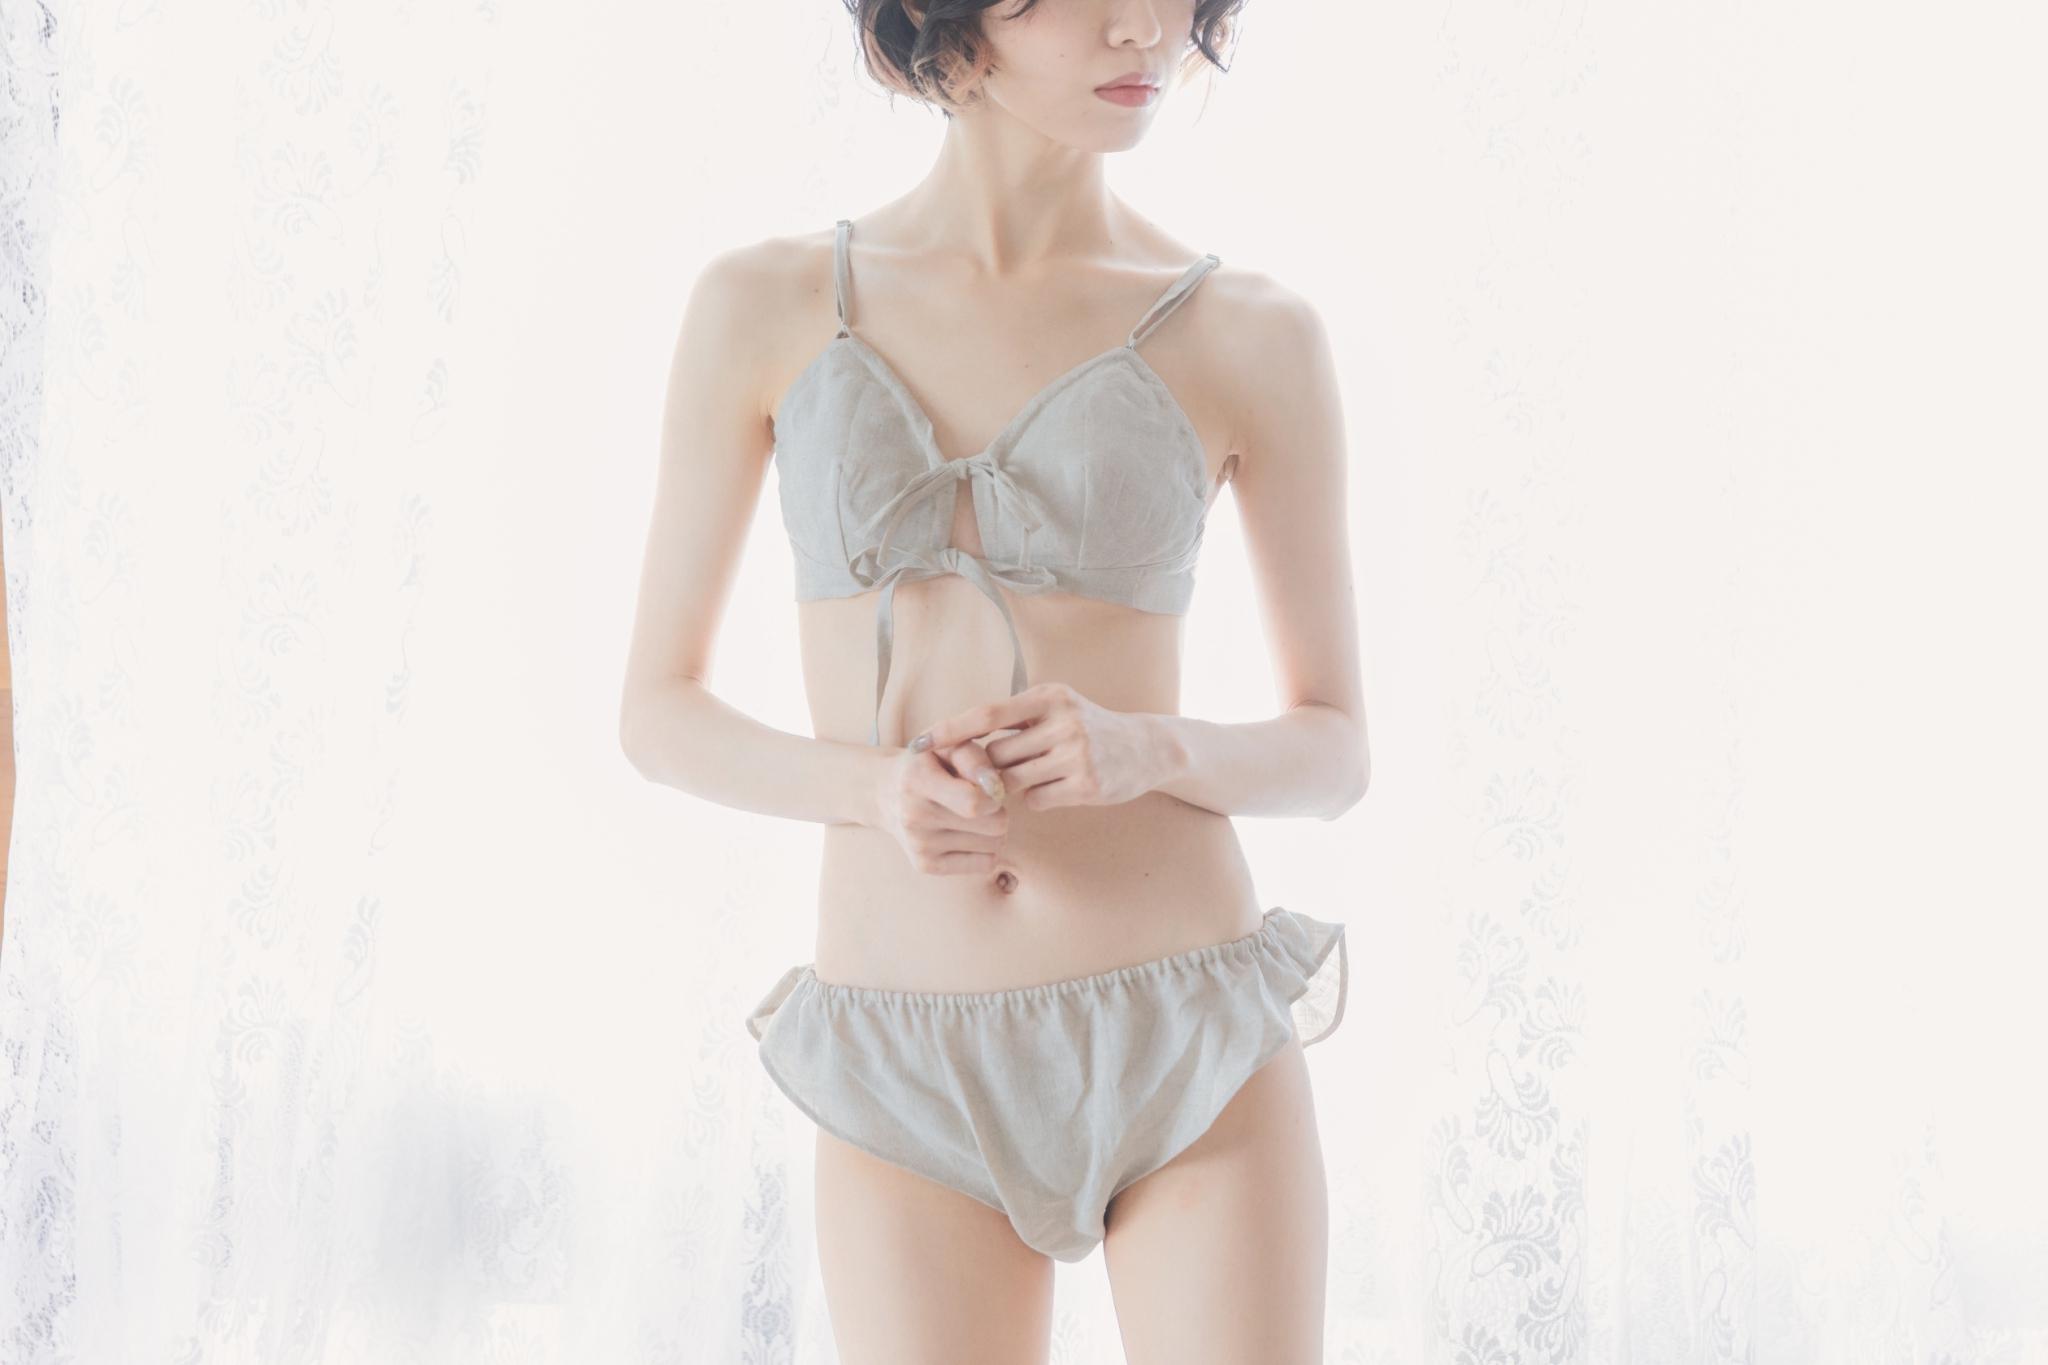 qilin underwear_191217_0014